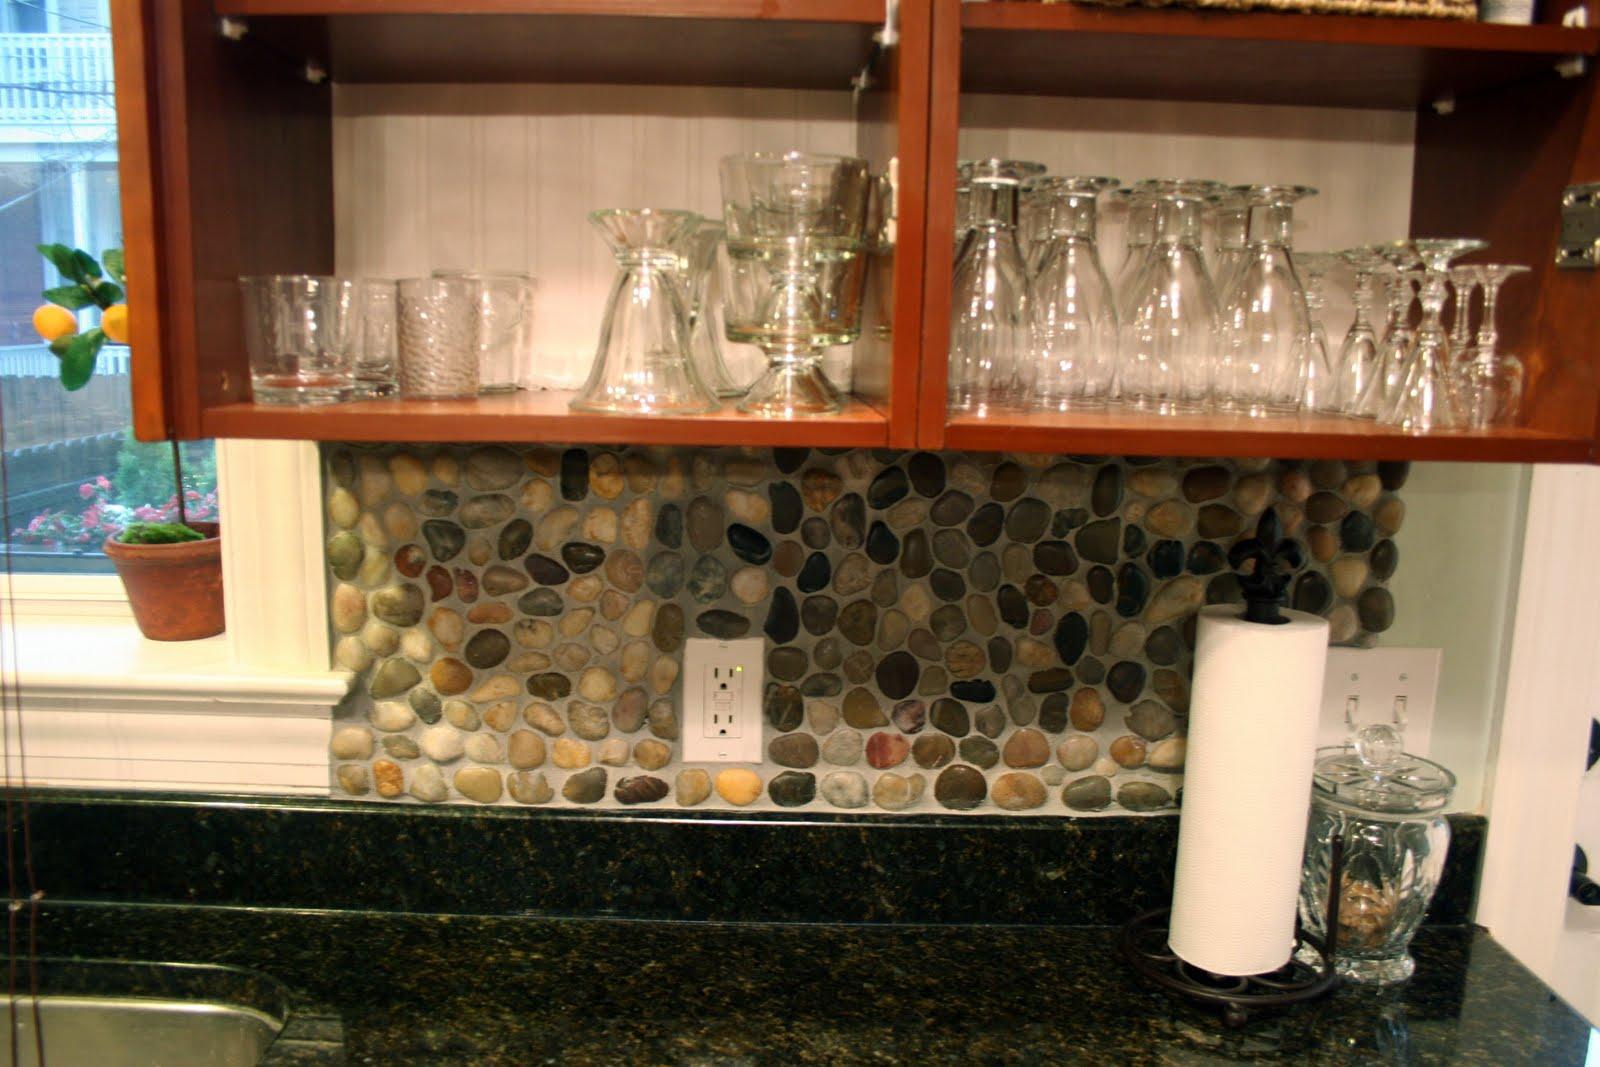 Garden Stone Kitchen Backsplash Tutorial how to backsplash